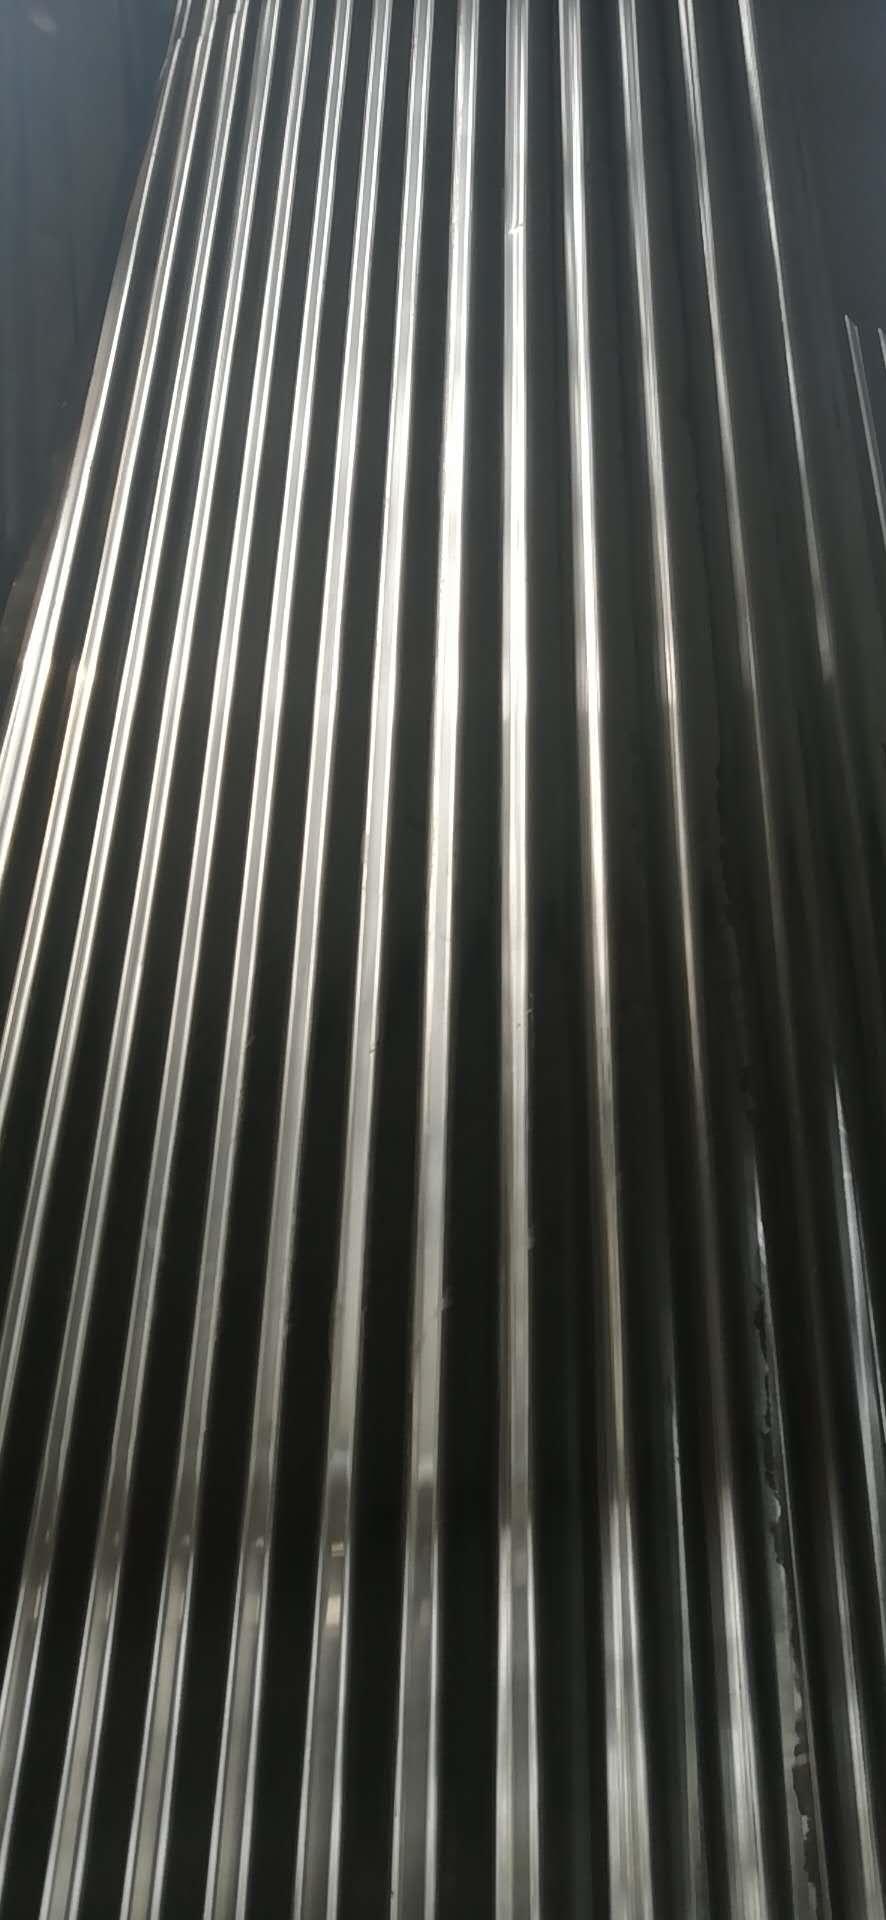 850形铝瓦楞铝板厂家